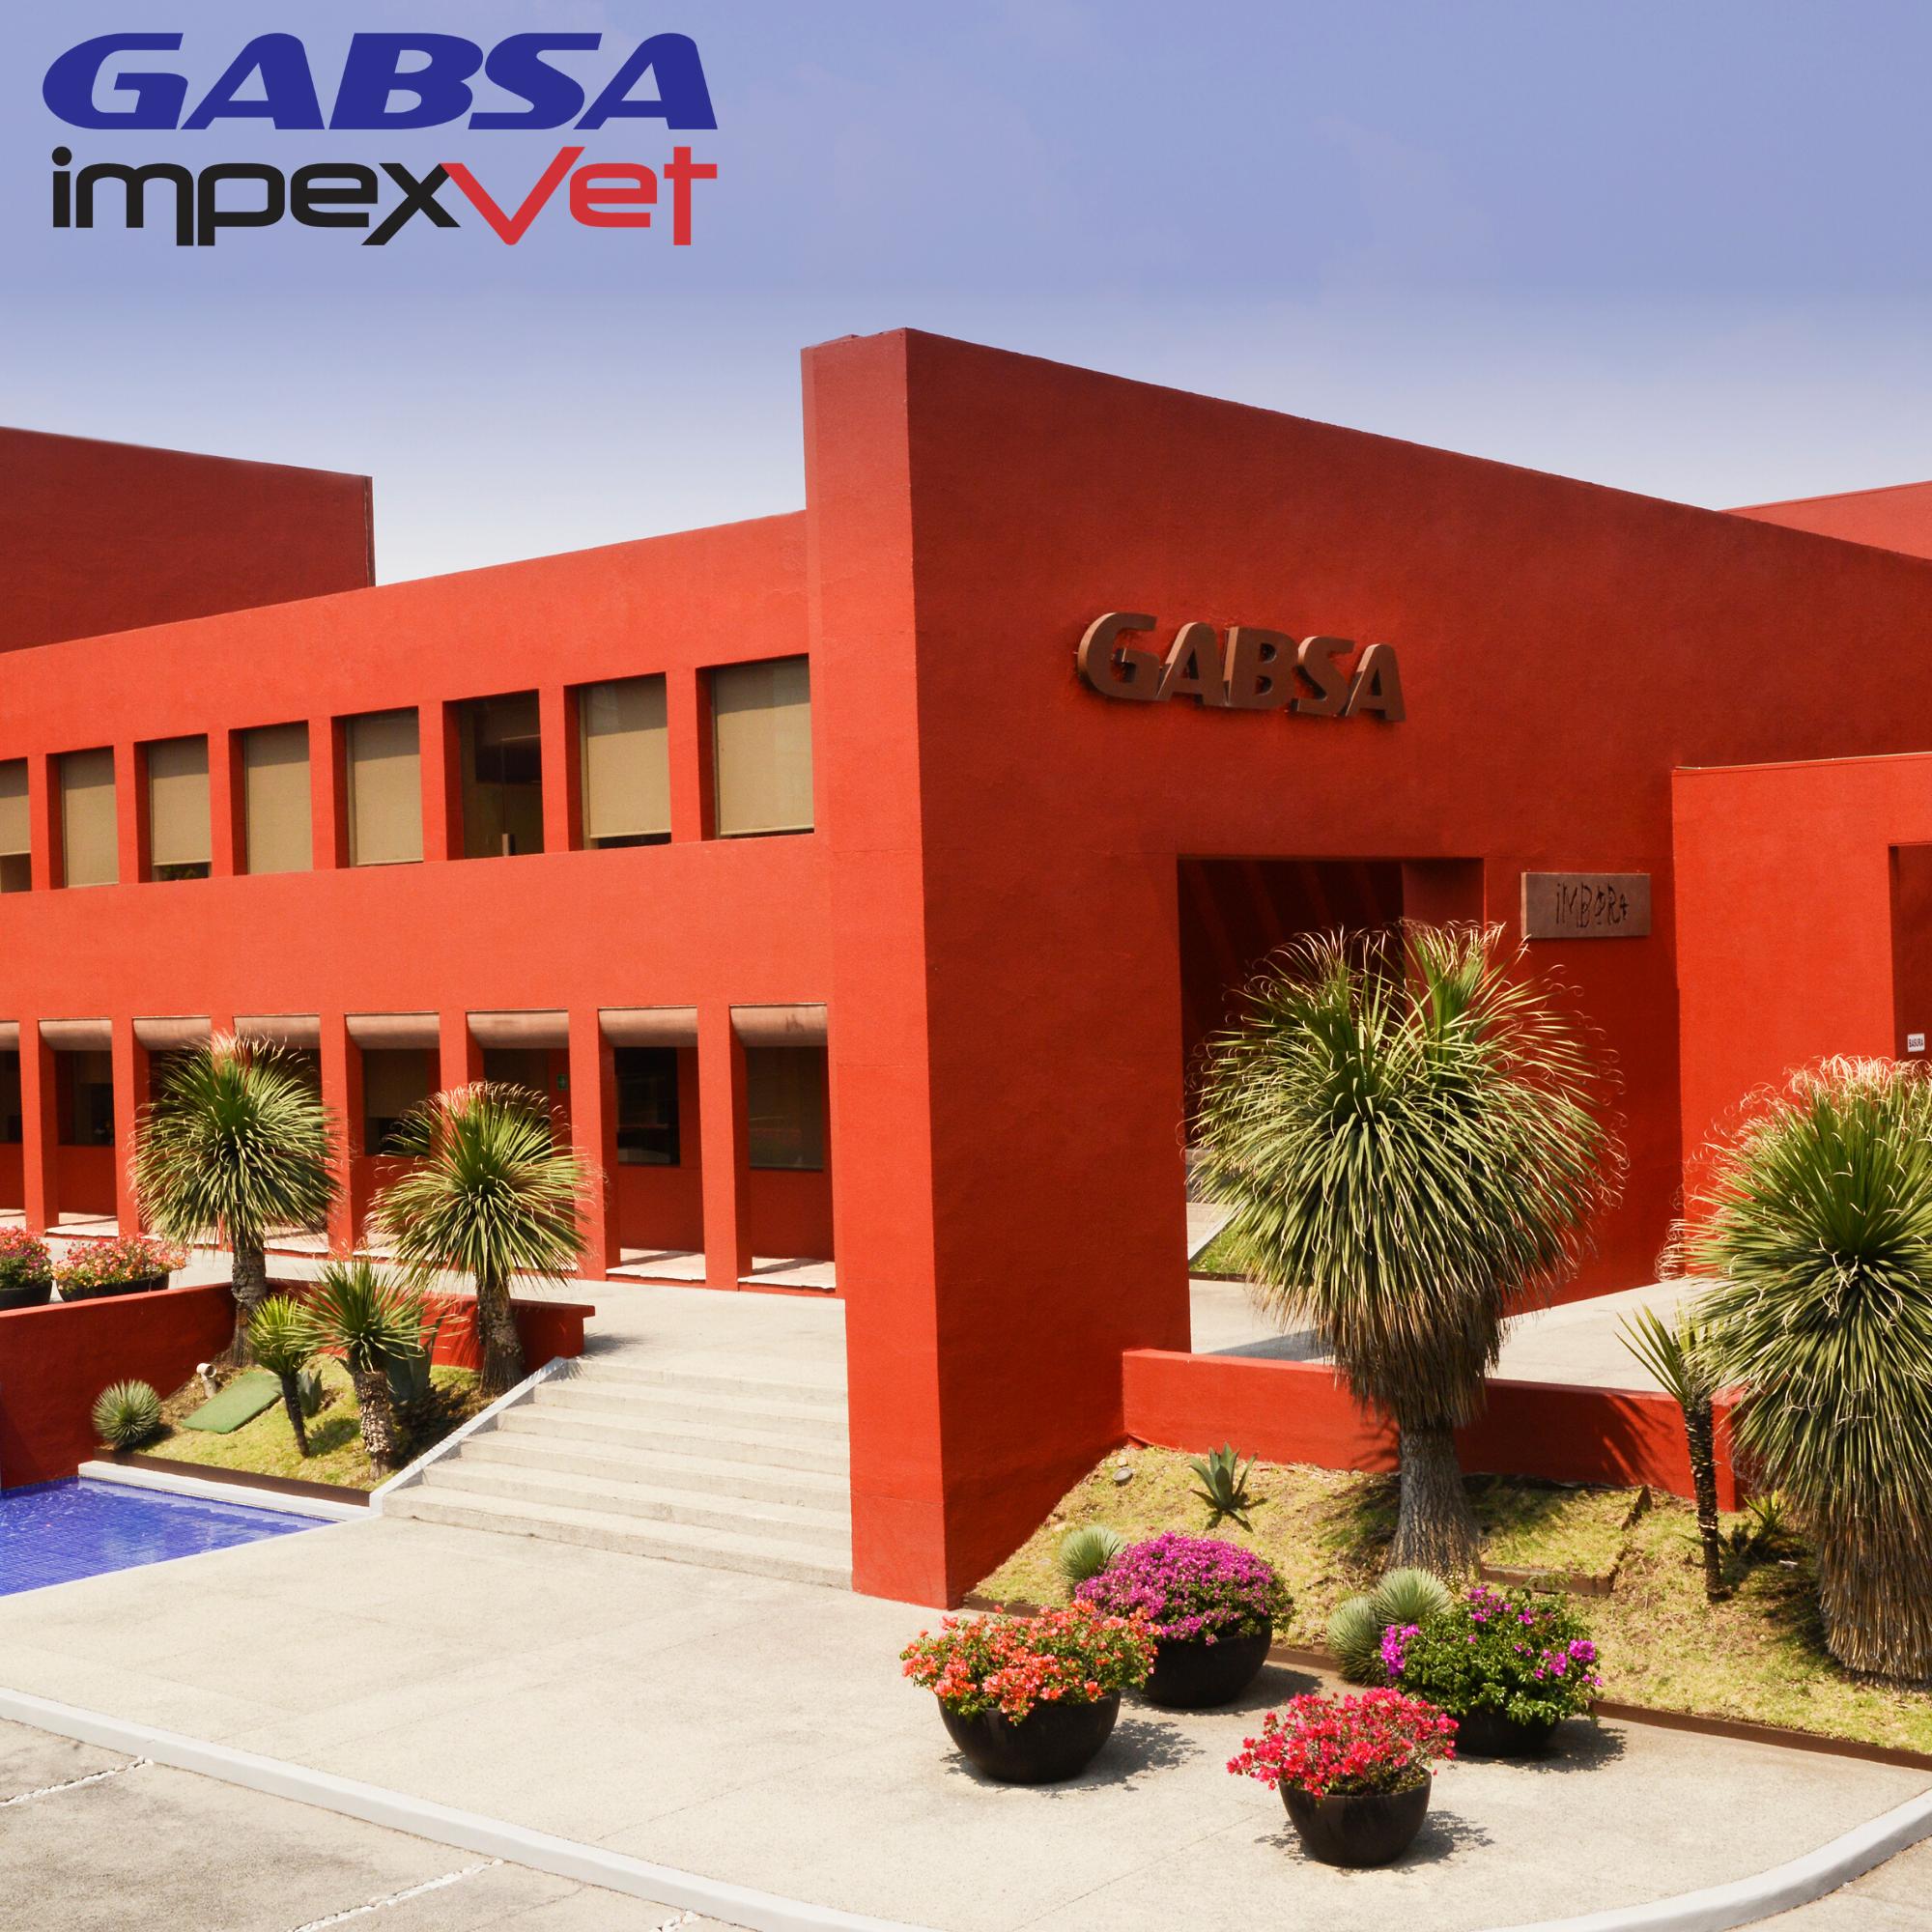 GABSA-IMPEXVET FOLLETO CORPORATIVO